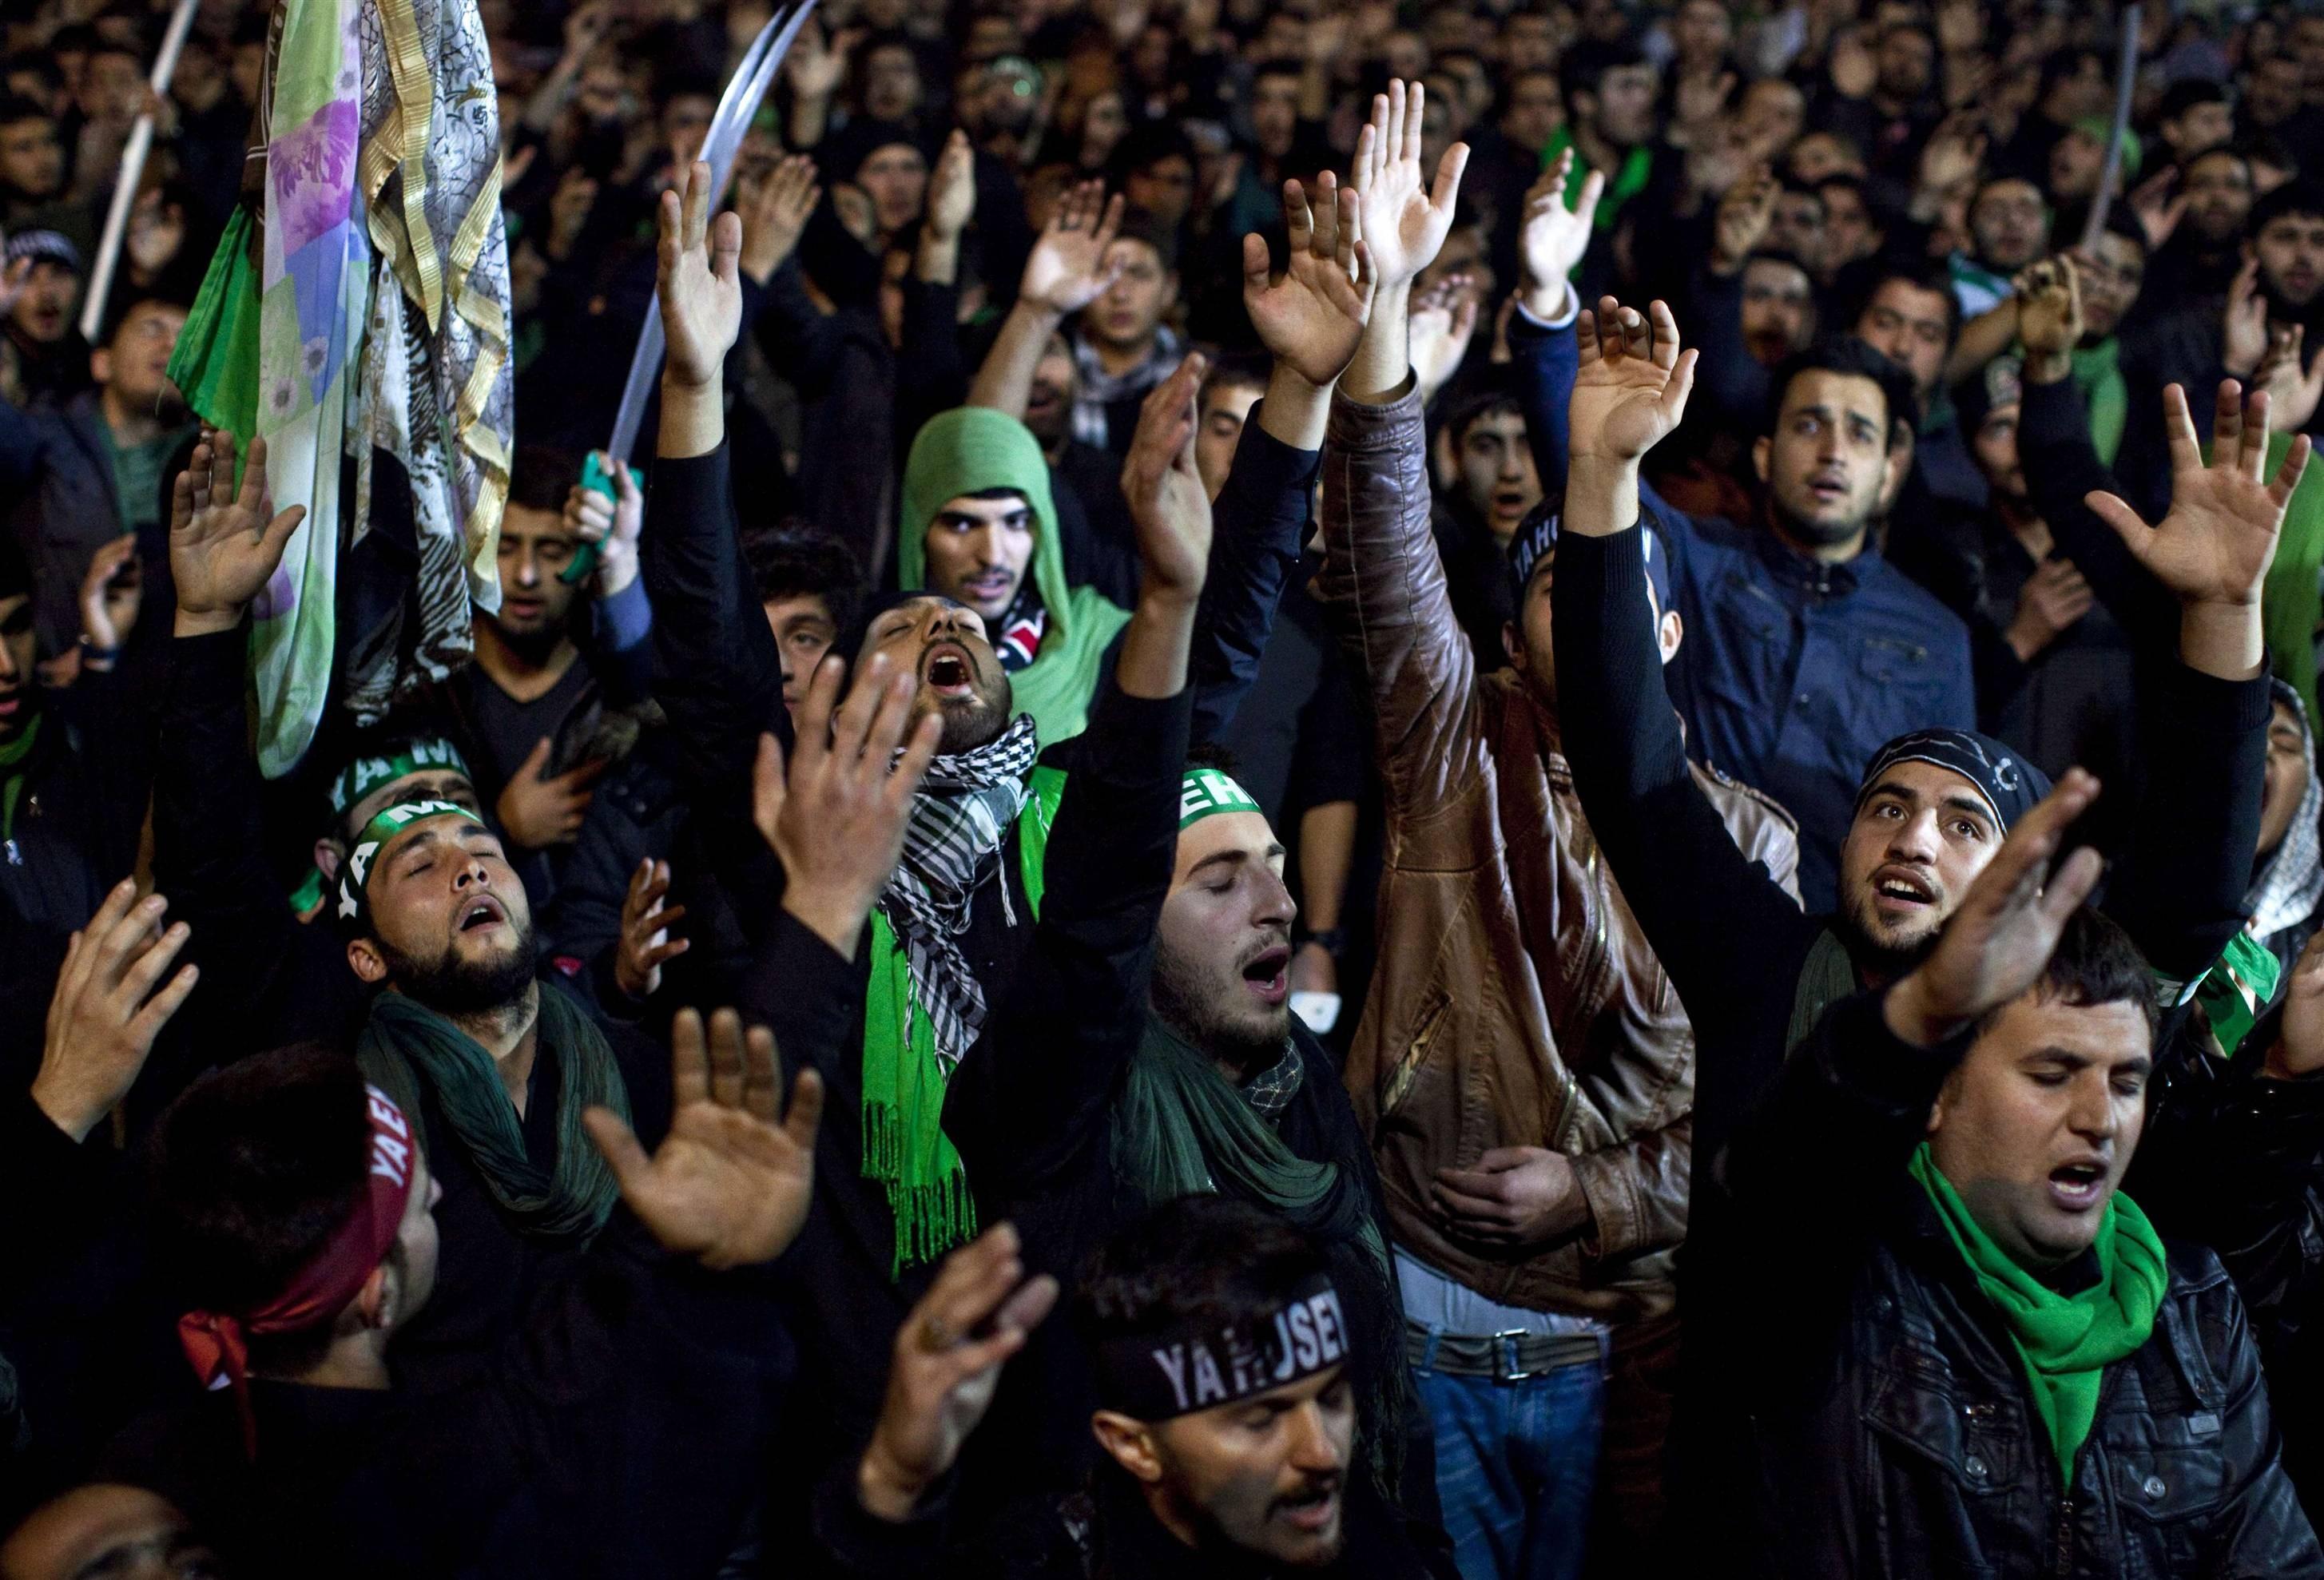 بعد اجتياحها أسواق دمشق..نظام الأسد يحظر اللطميات في الأماكن العامة